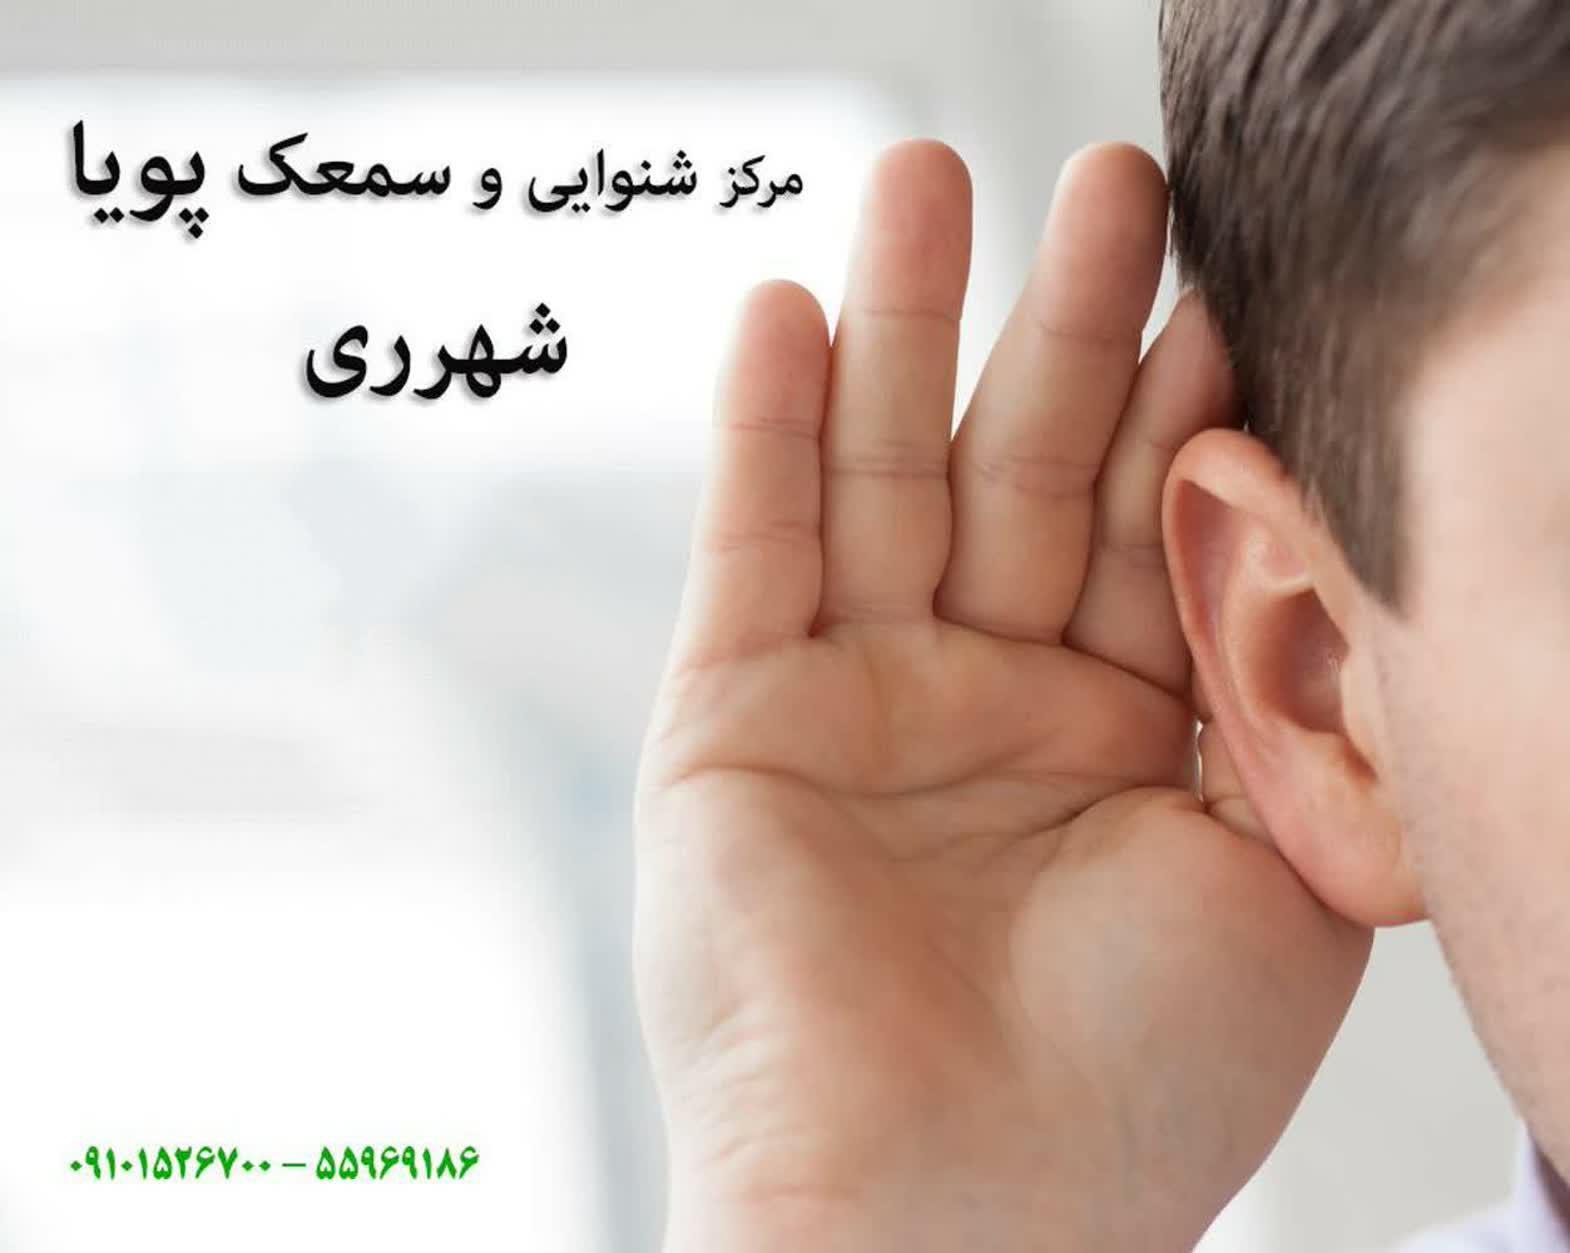 http://samakshahrerey.com/